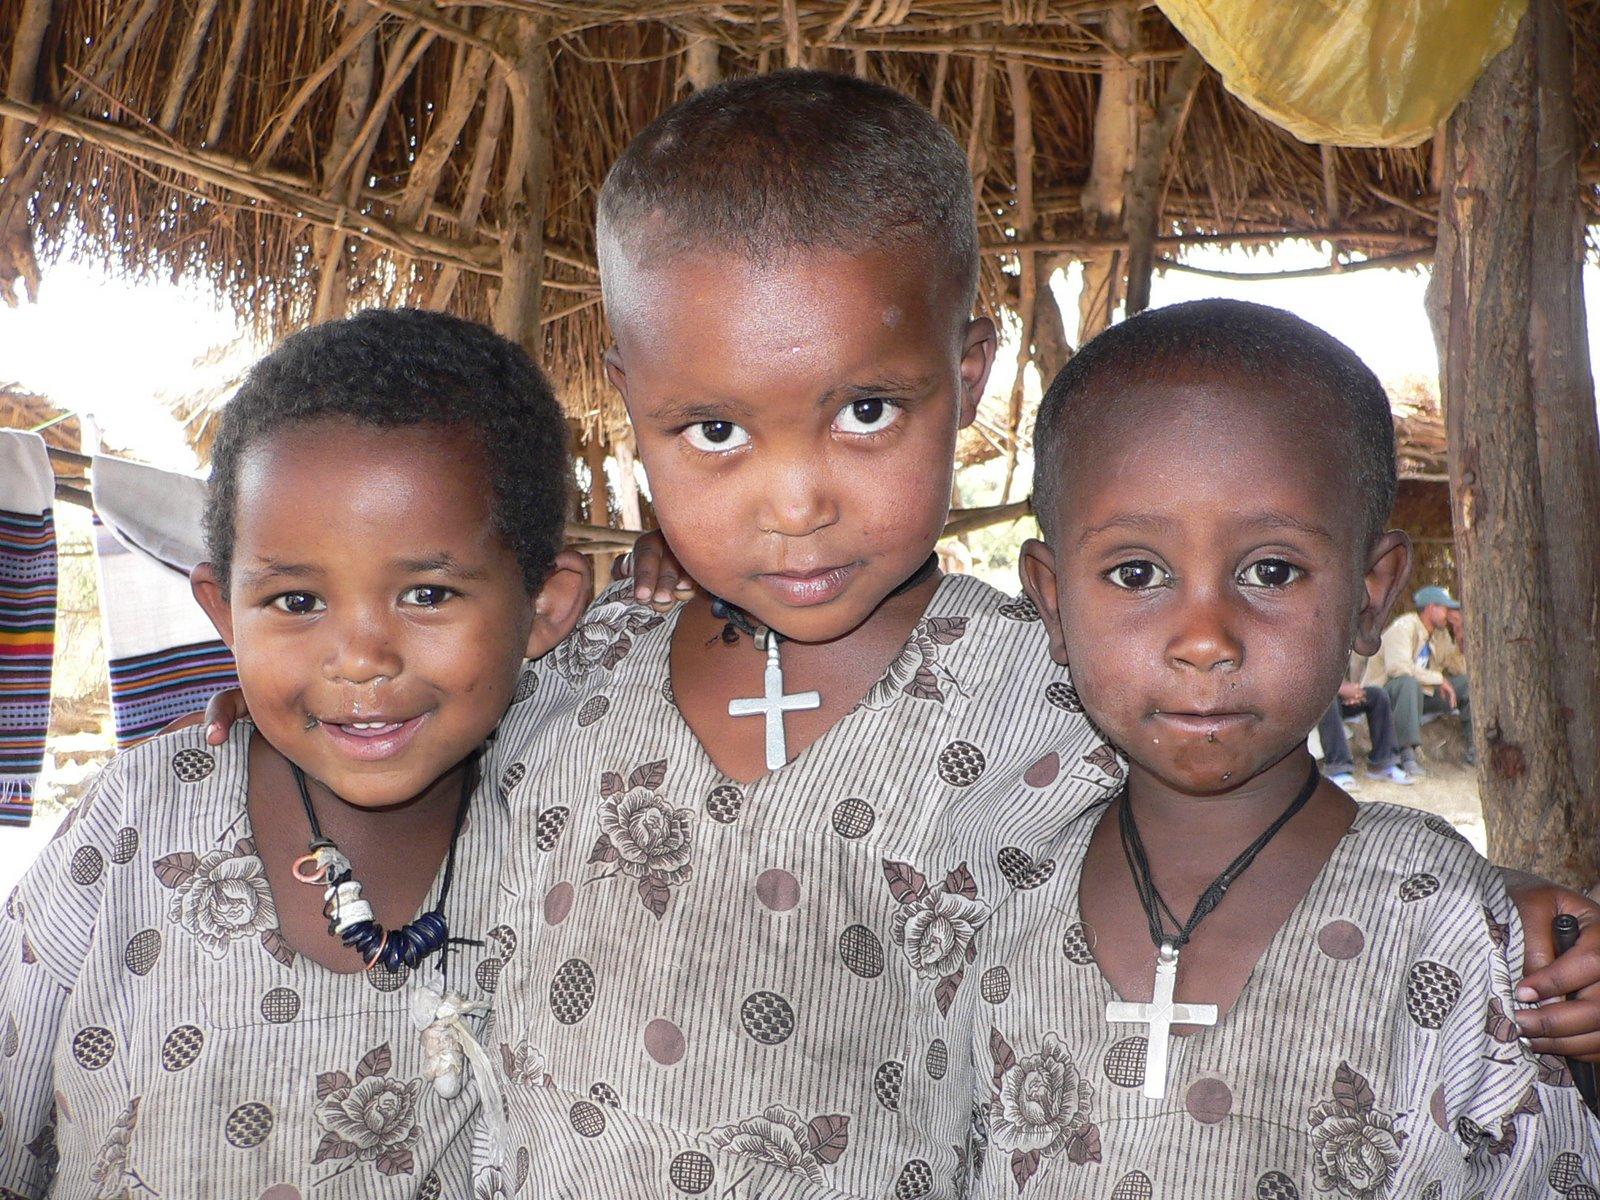 Ethiopia naked boy #1